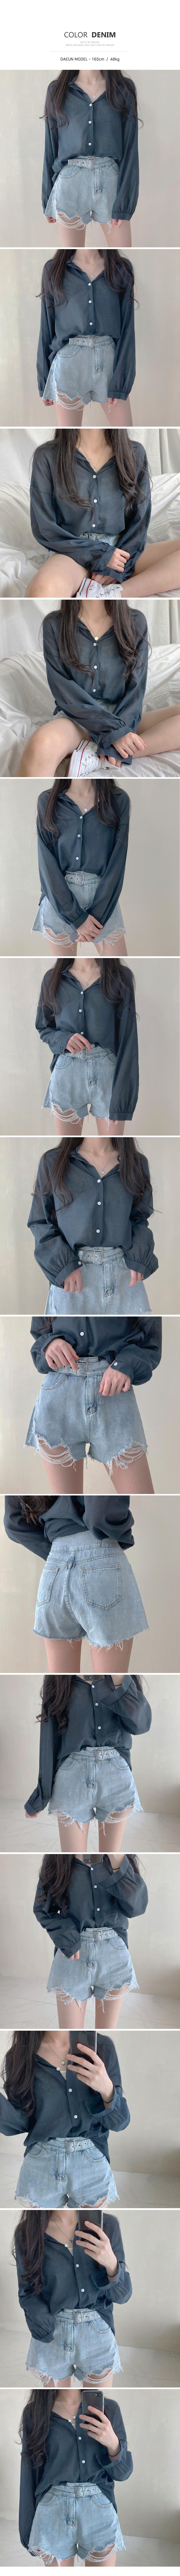 High waist pin tuck belt shorts P#YW475